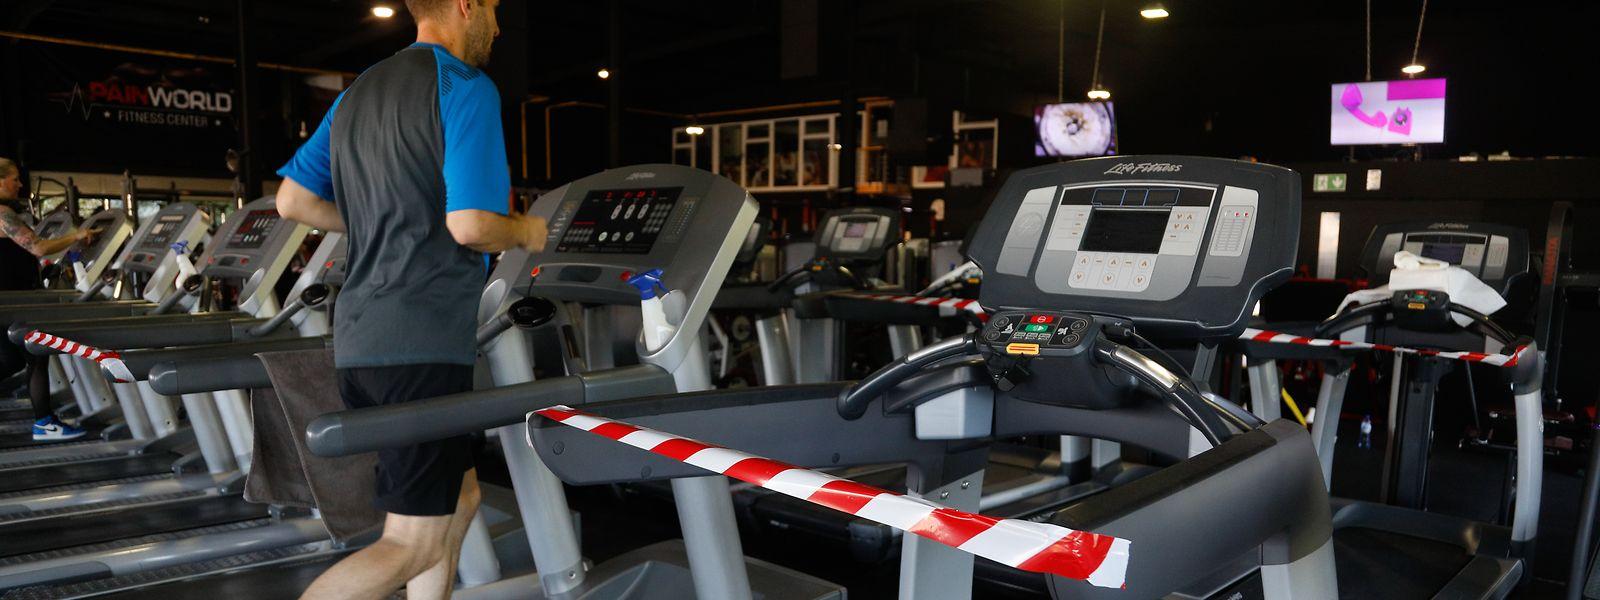 Fitness-Studios werden derzeit unter erschwerten Bedingungen betrieben.